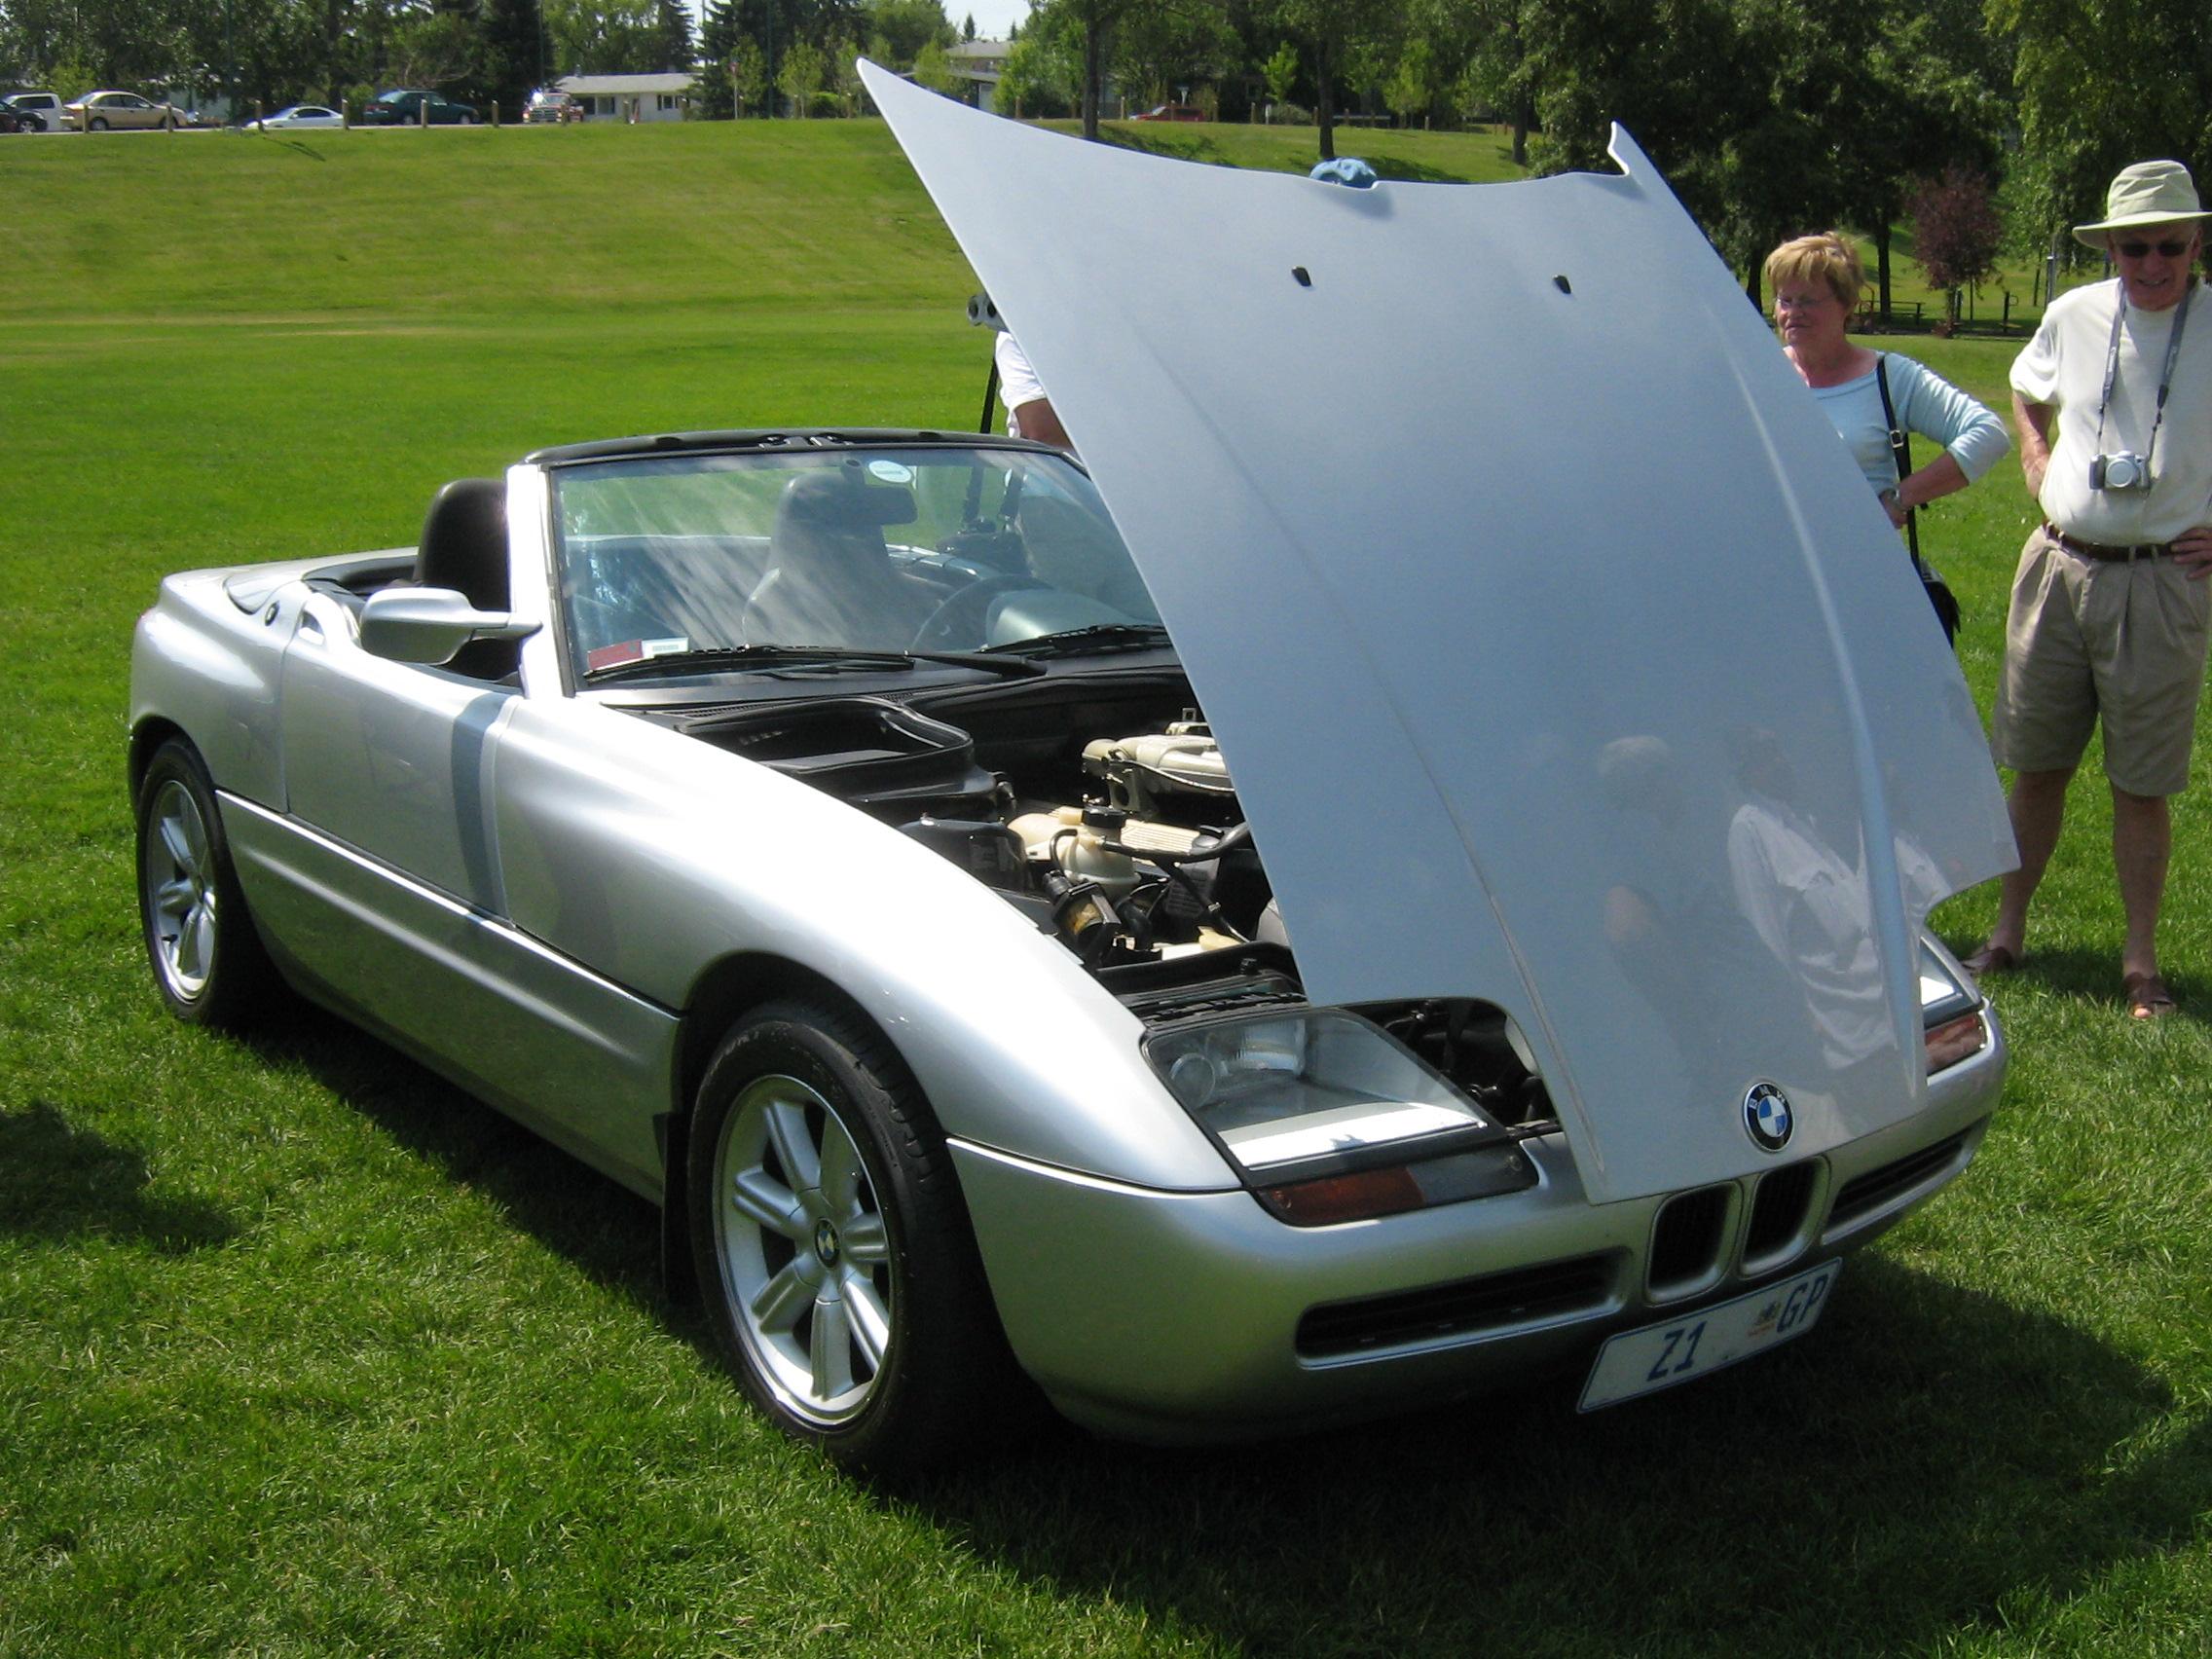 File:BMW Z1.jpg - Wikimedia Commons